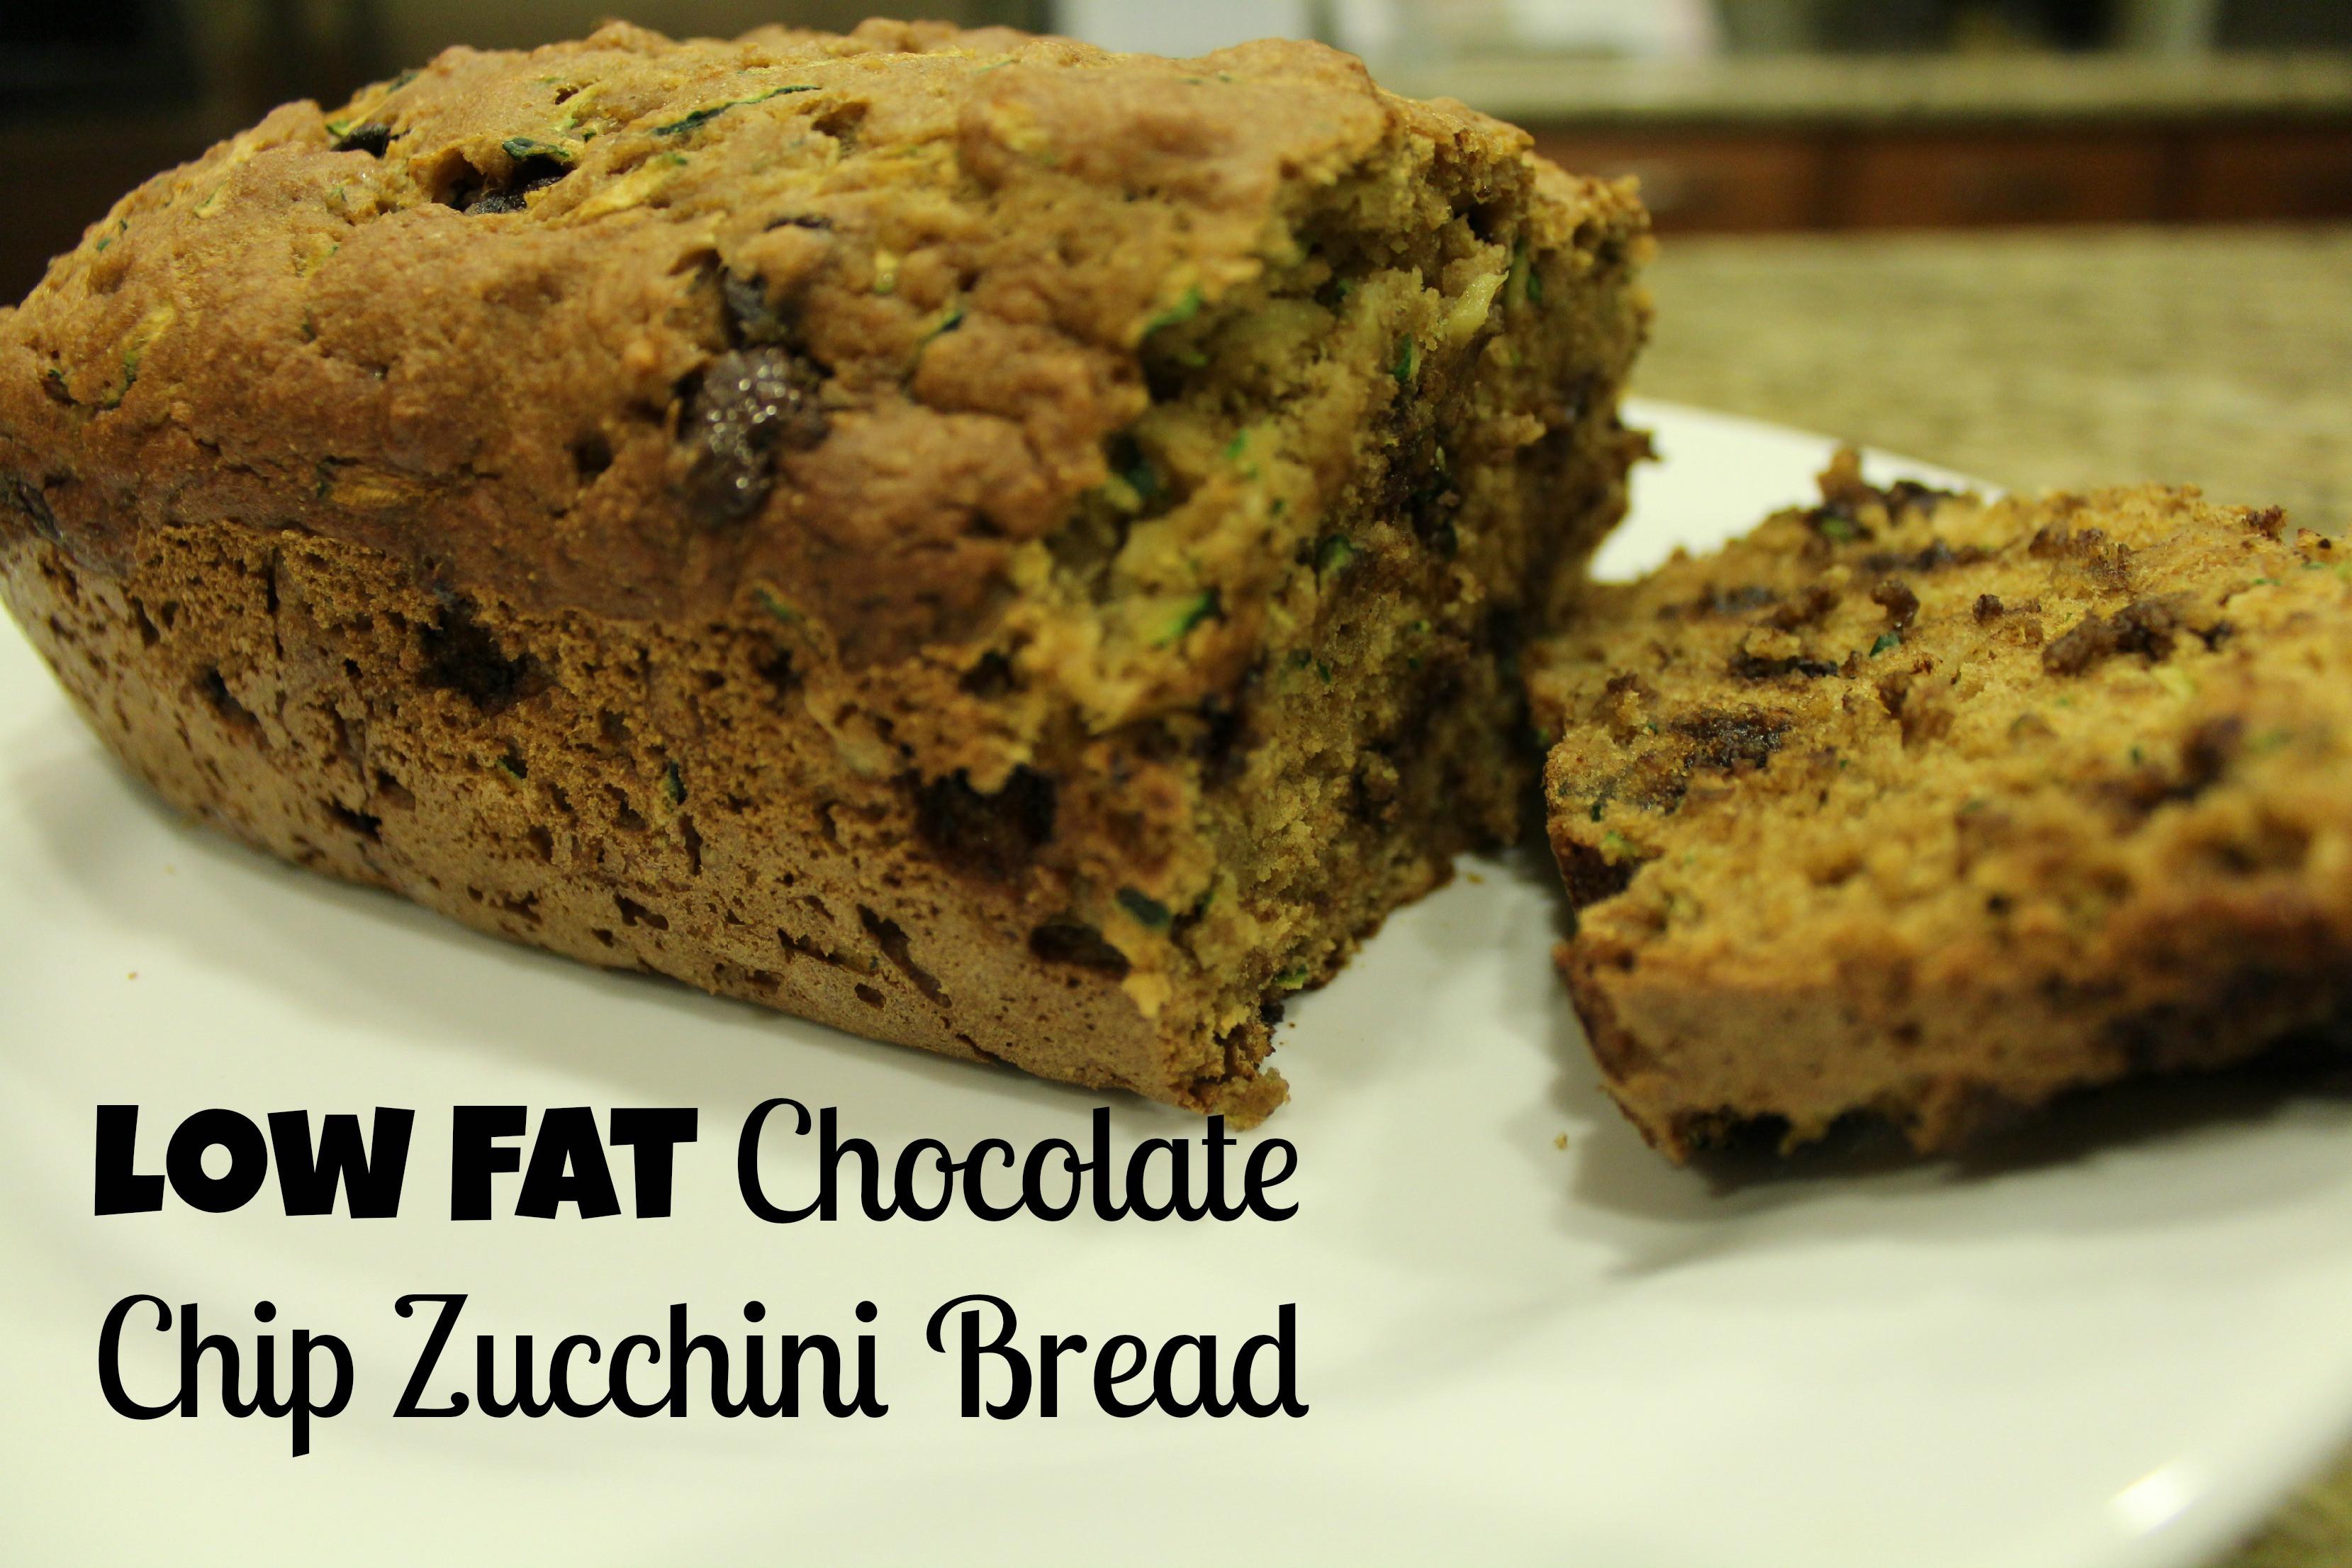 Low Fat Zucchini Bread  Low Fat Chocolate Chip Zucchini Bread